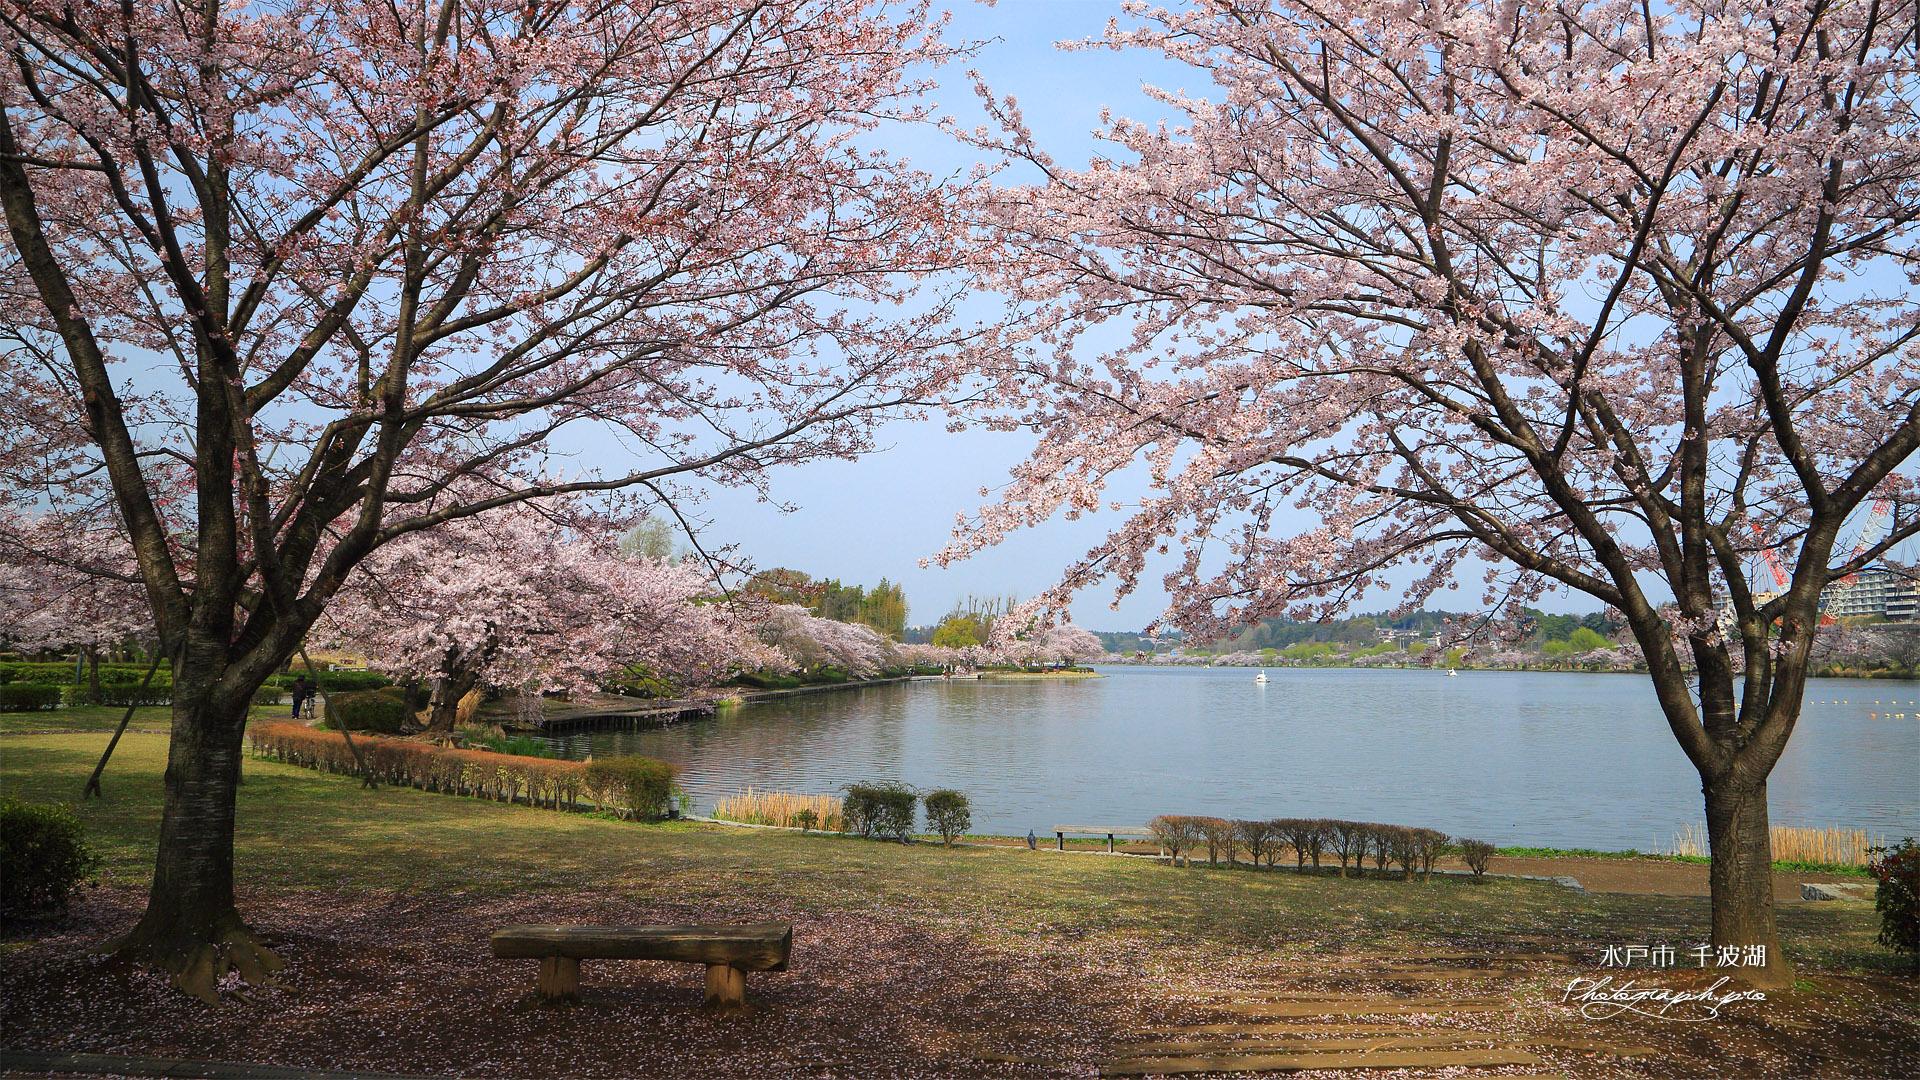 水戸市 千波湖の桜